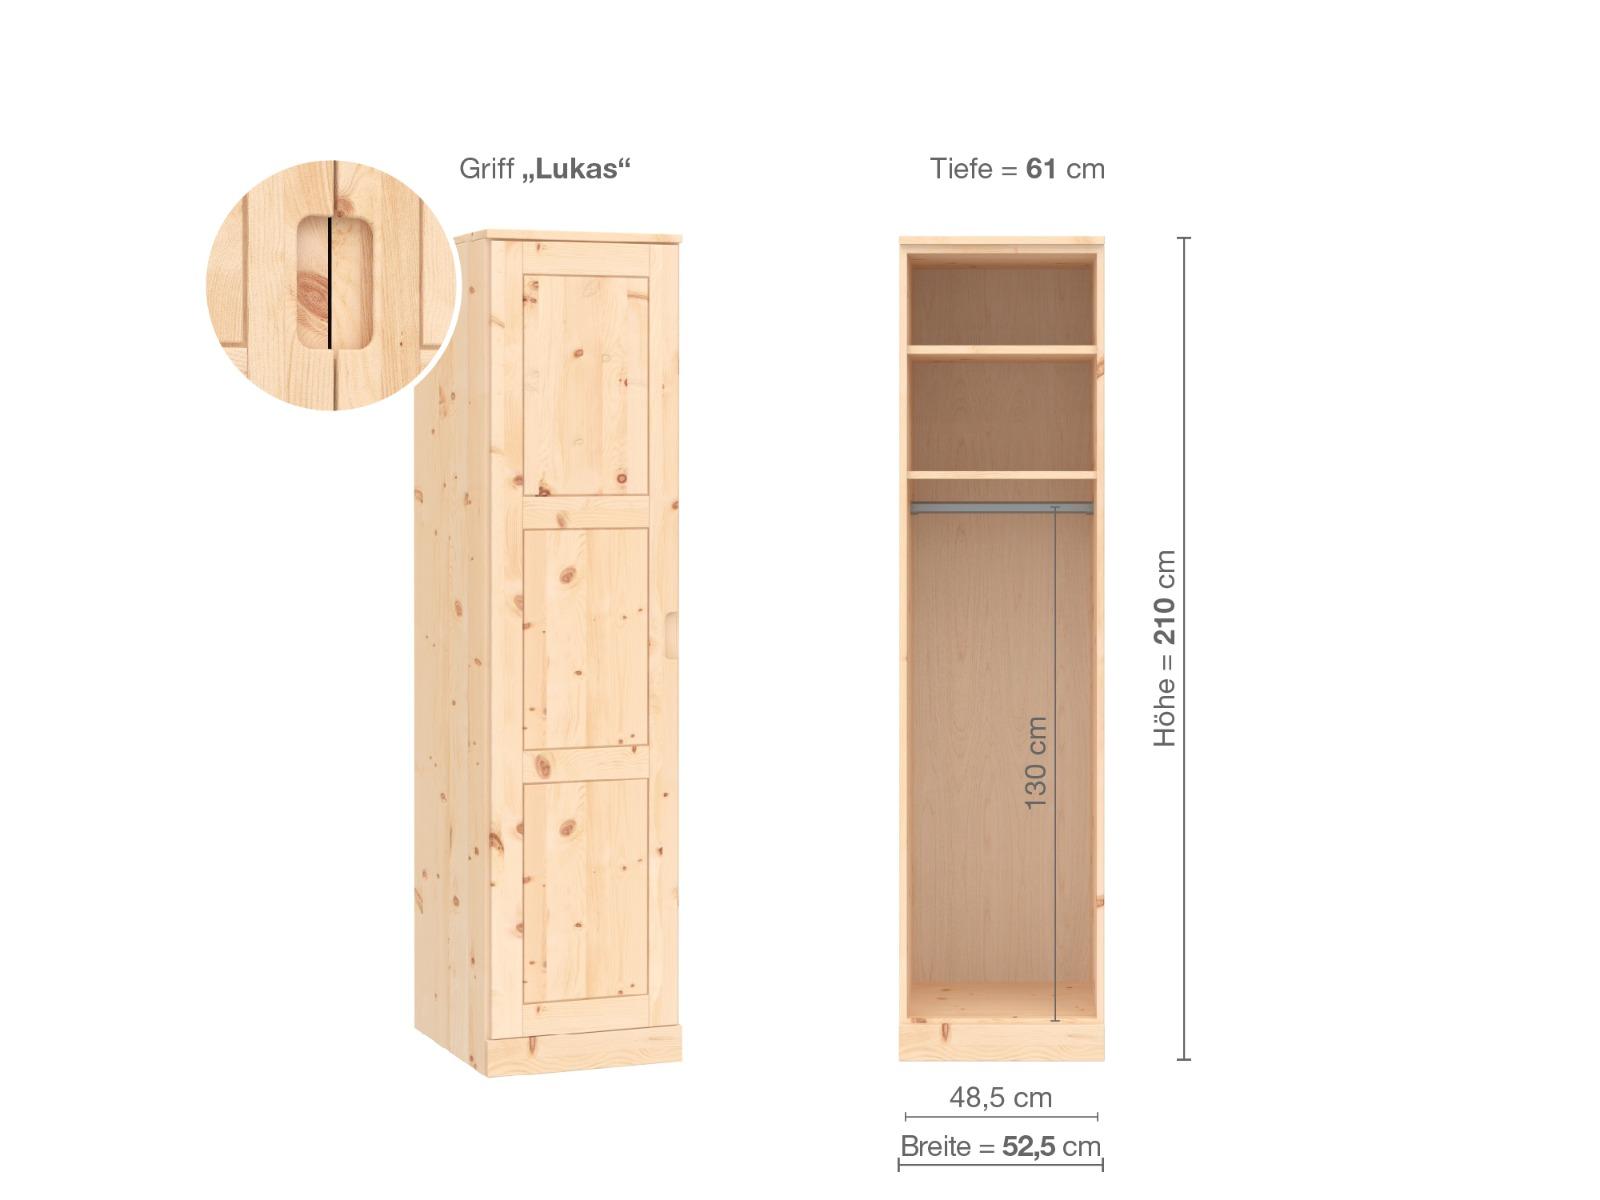 """Zirbenschrank """"Enzian"""", 1-türig, Höhe 210 cm, Griffausführung """"Lukas"""", Inneneinrichtung A, Türanschlag links"""